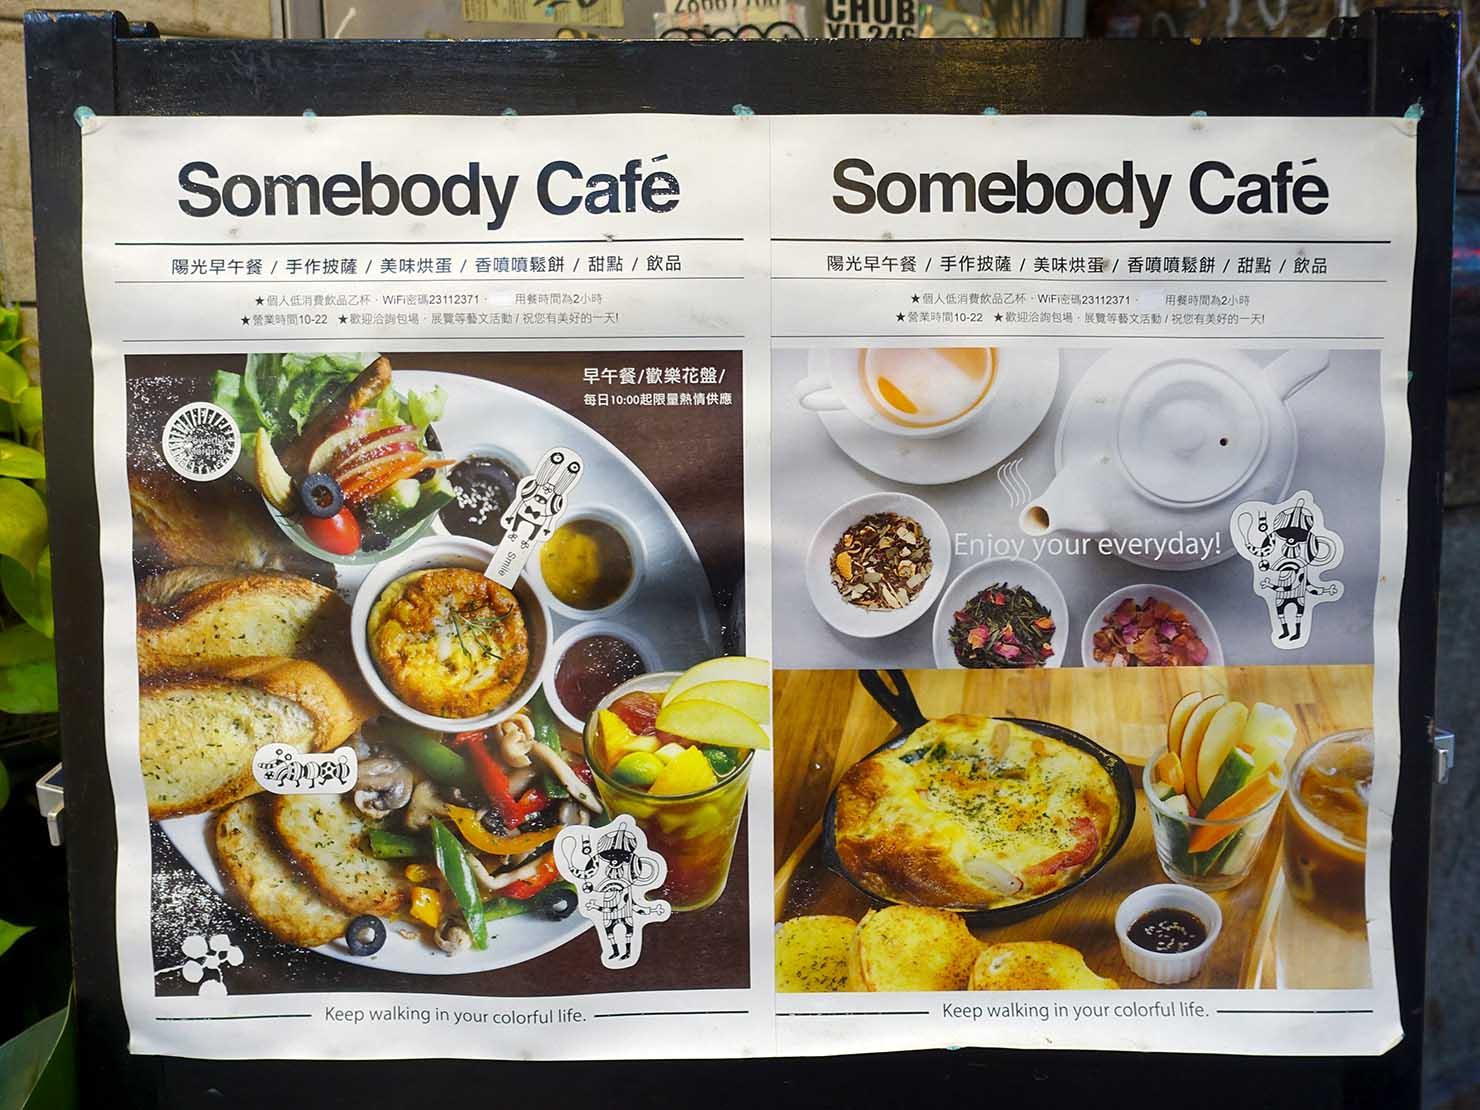 台北・西門町にあるLGBTフレンドリーカフェ「貳拾陸巷 Somebody Cafe」のメニュー